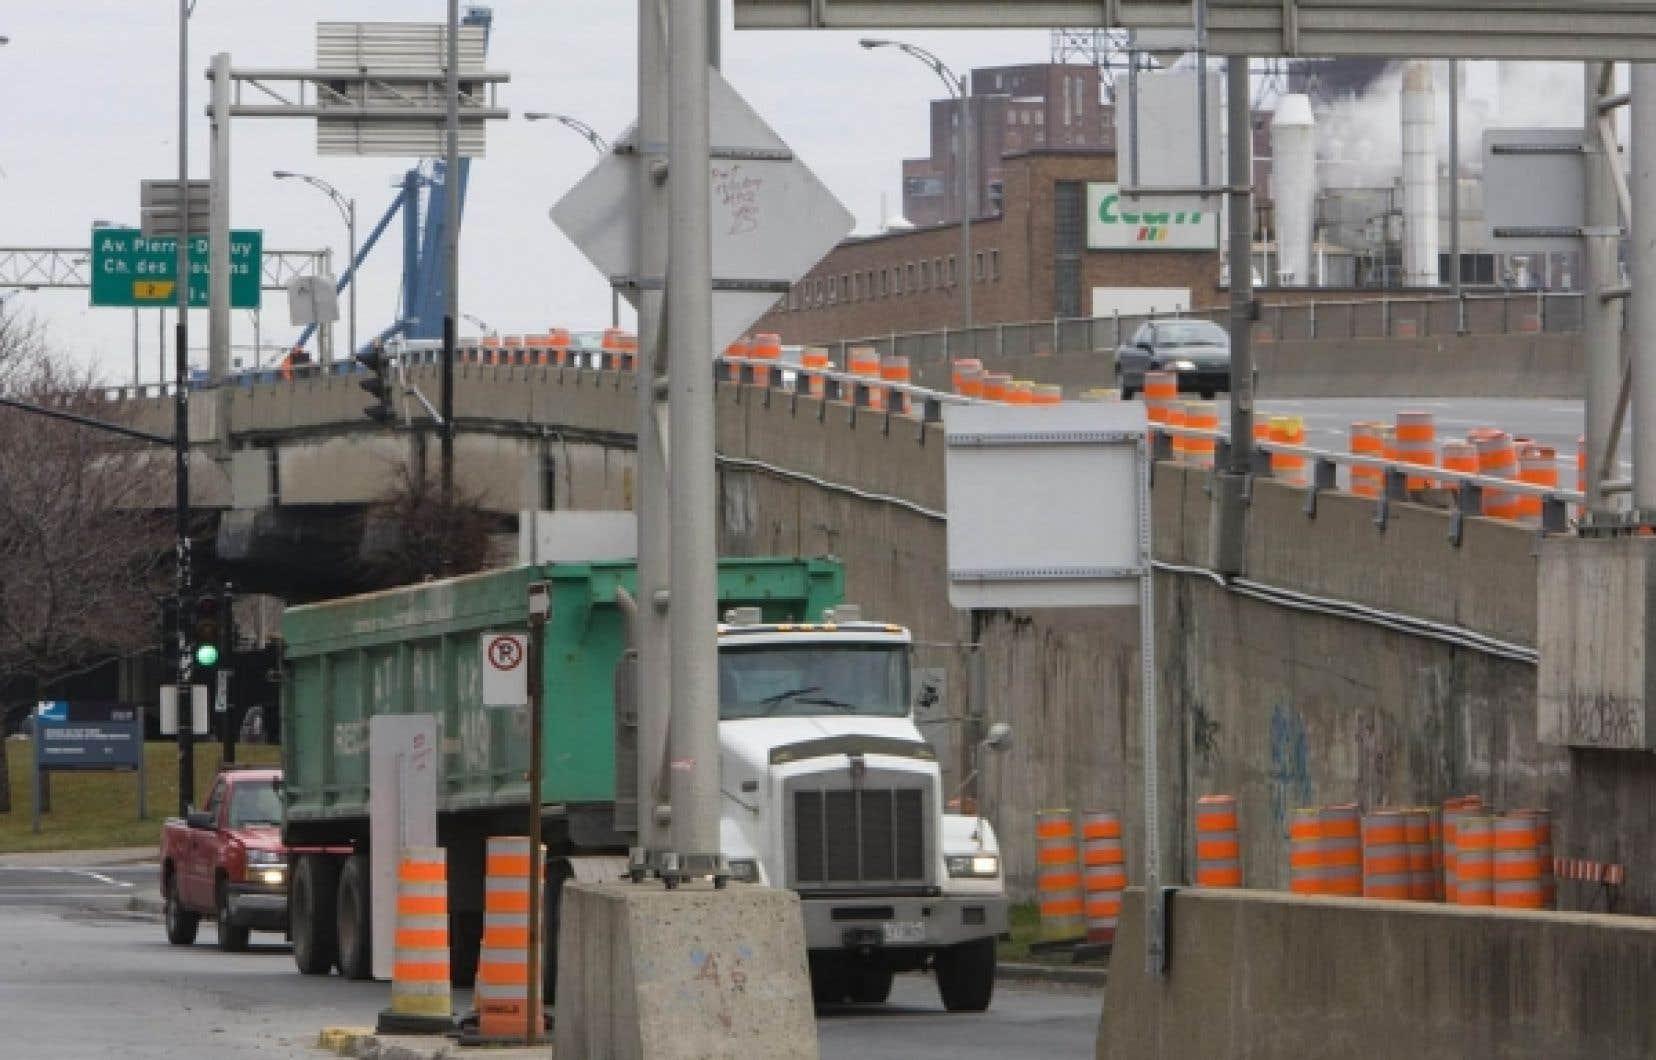 Selon l'adéquiste Sylvie Roy, le ministère des Transports s'adonnerait au fractionnement de contrats. Cette pratique consiste à octroyer plusieurs contrats de moins de 25 000 $ à la même entreprise, évitant ainsi le processus d'appel d'offres.